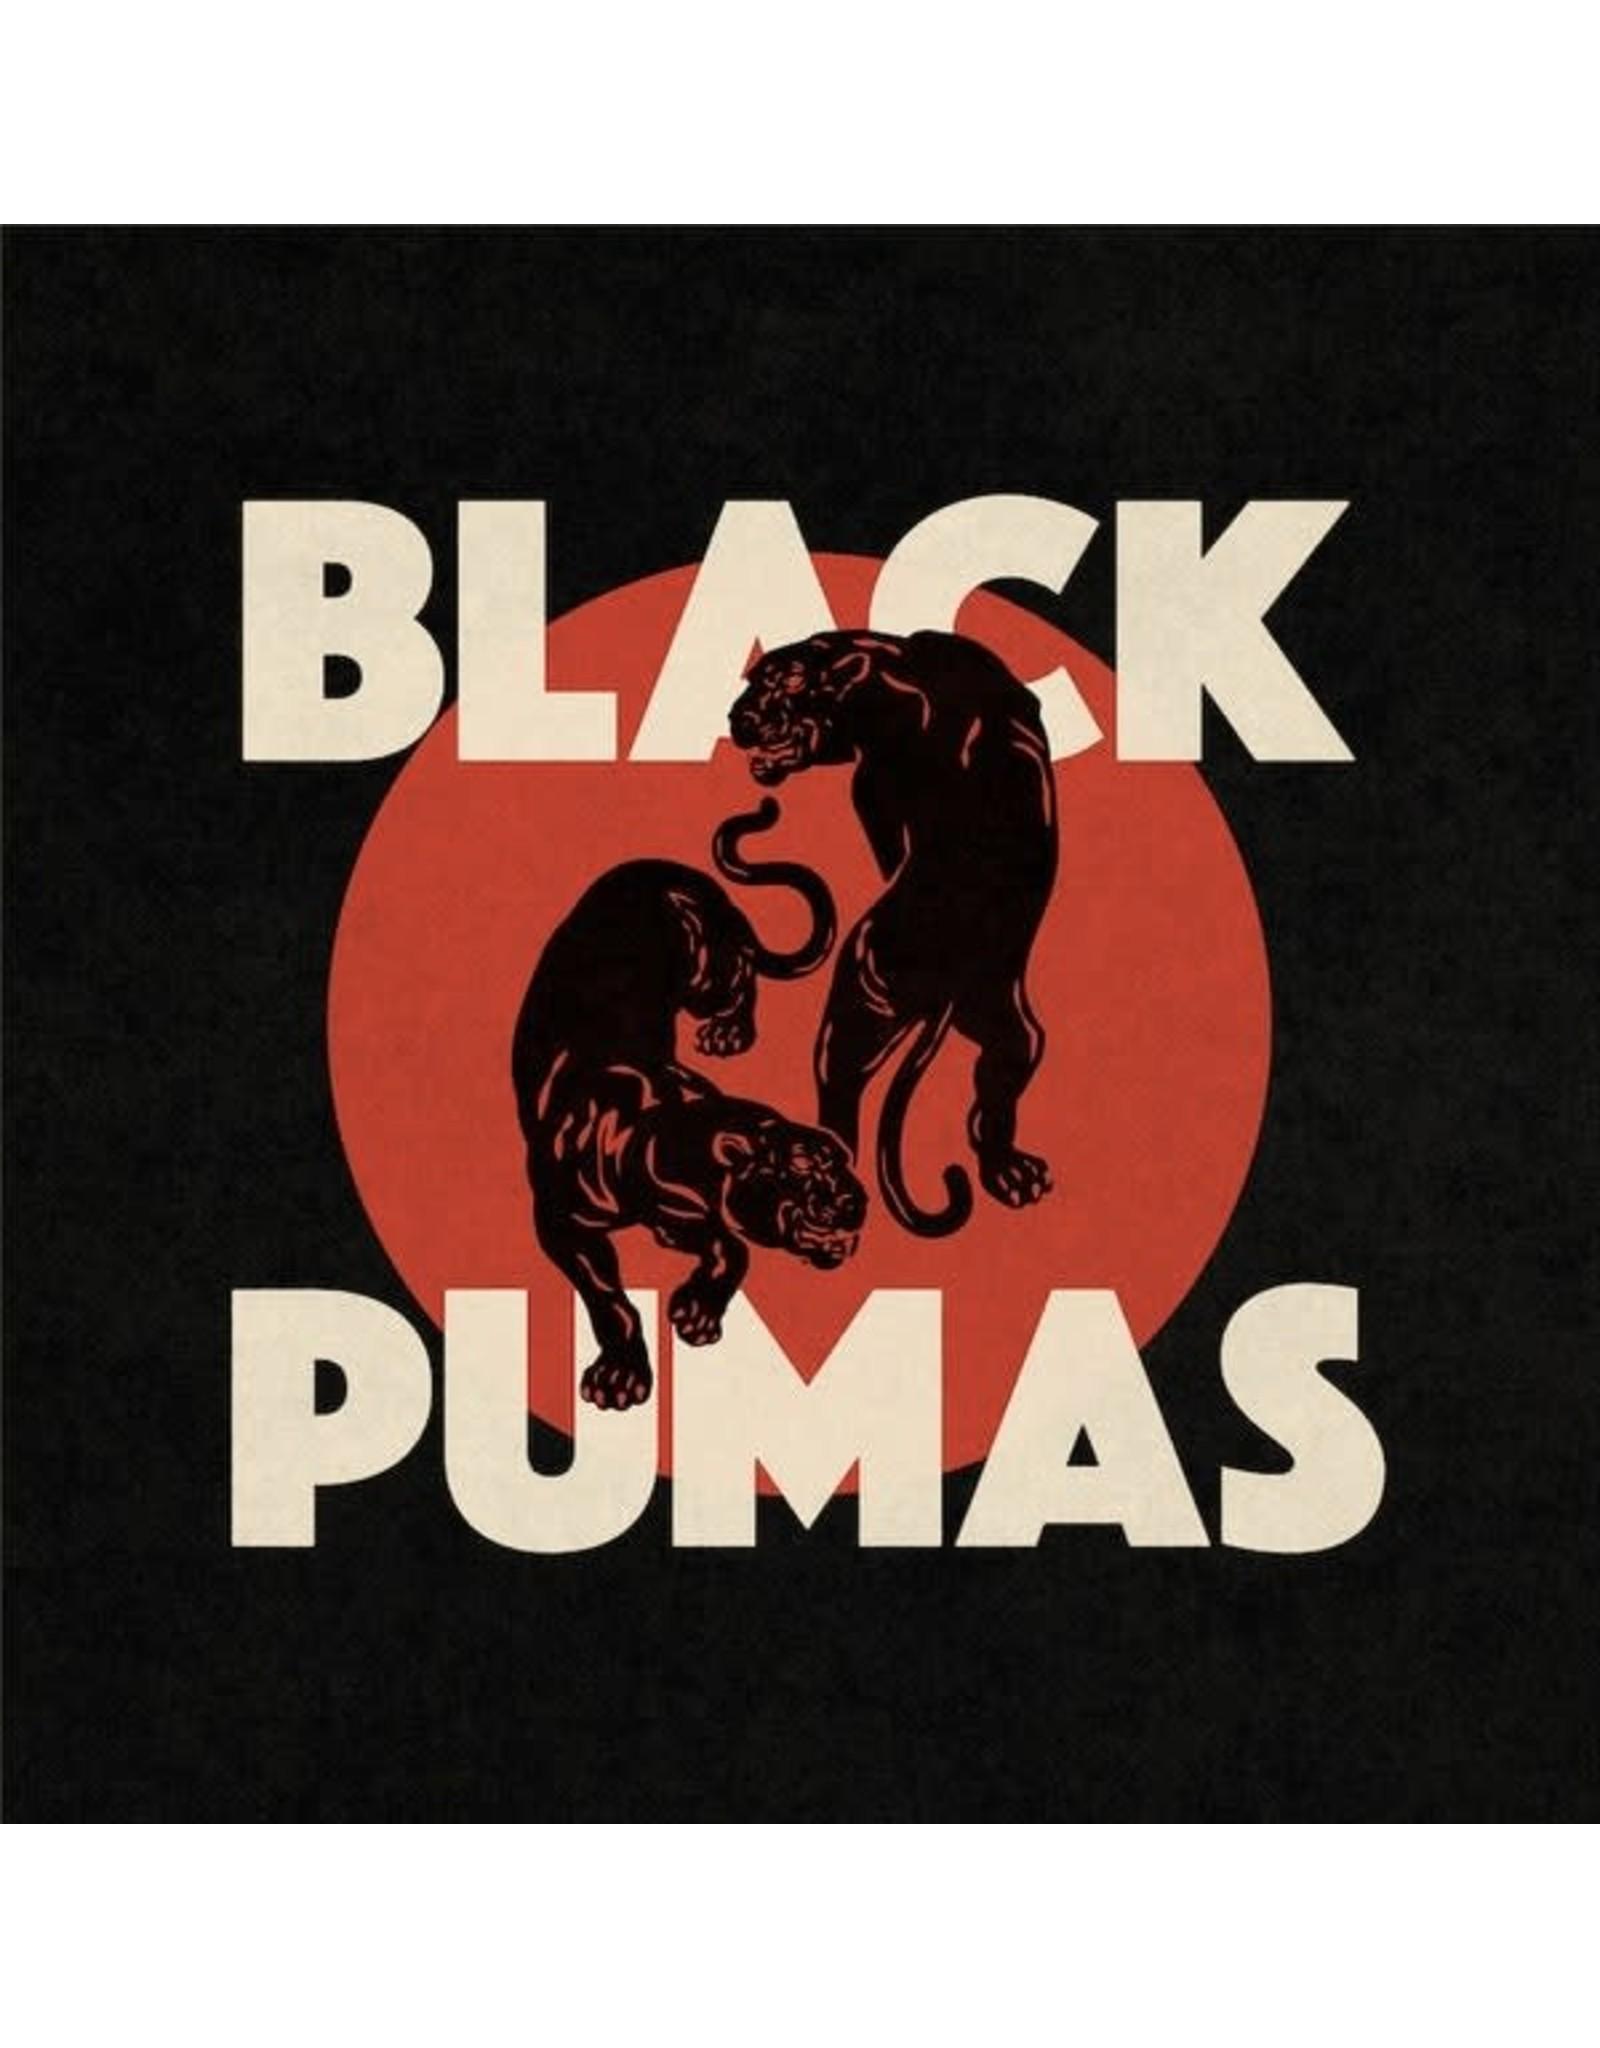 Black Pumas - Black Pumas (picture disc)